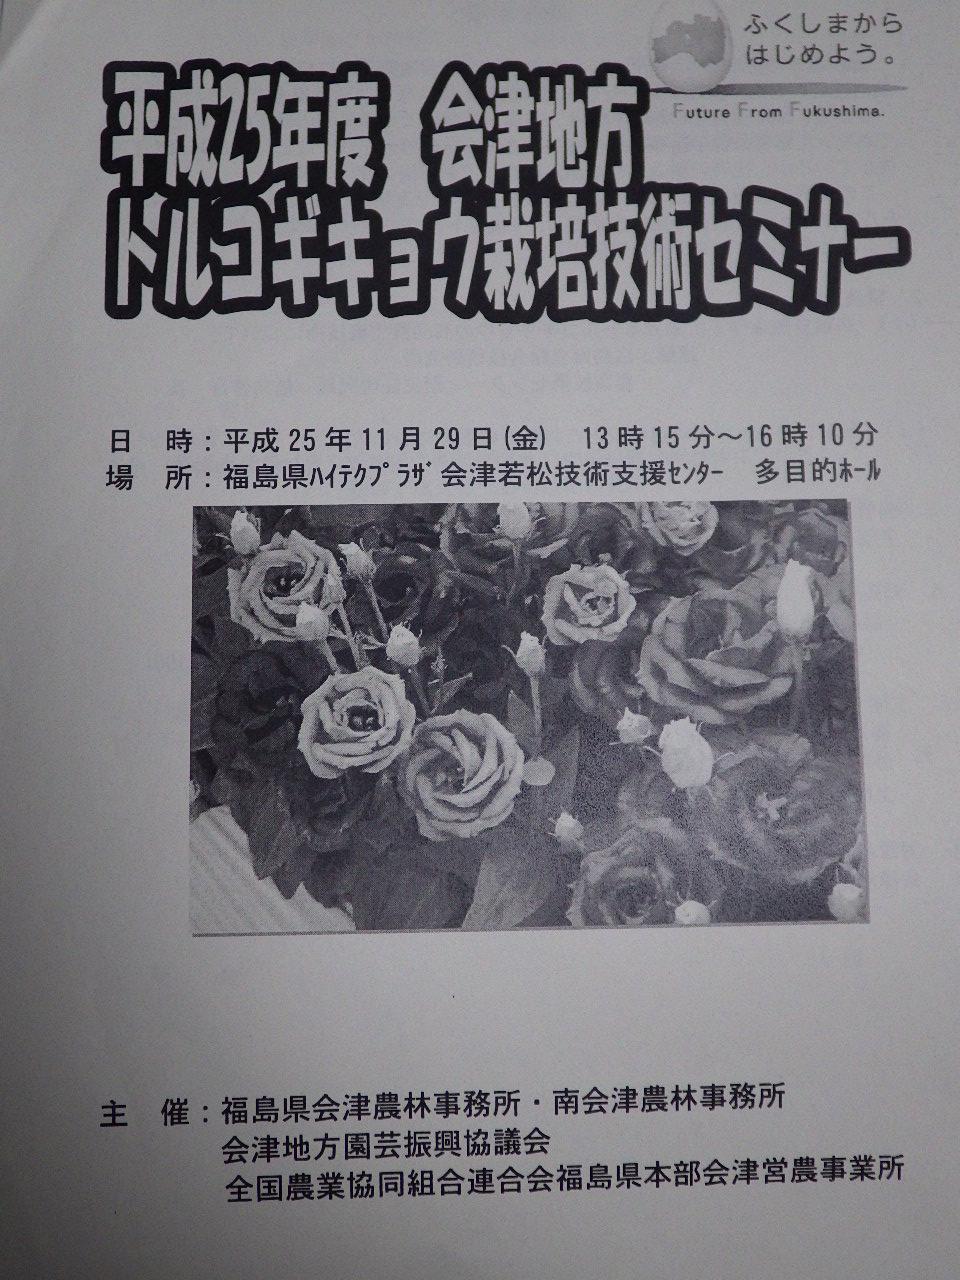 平成25年 会津地方トルコキキョウ栽培技術セミナー_a0256619_23284173.jpg